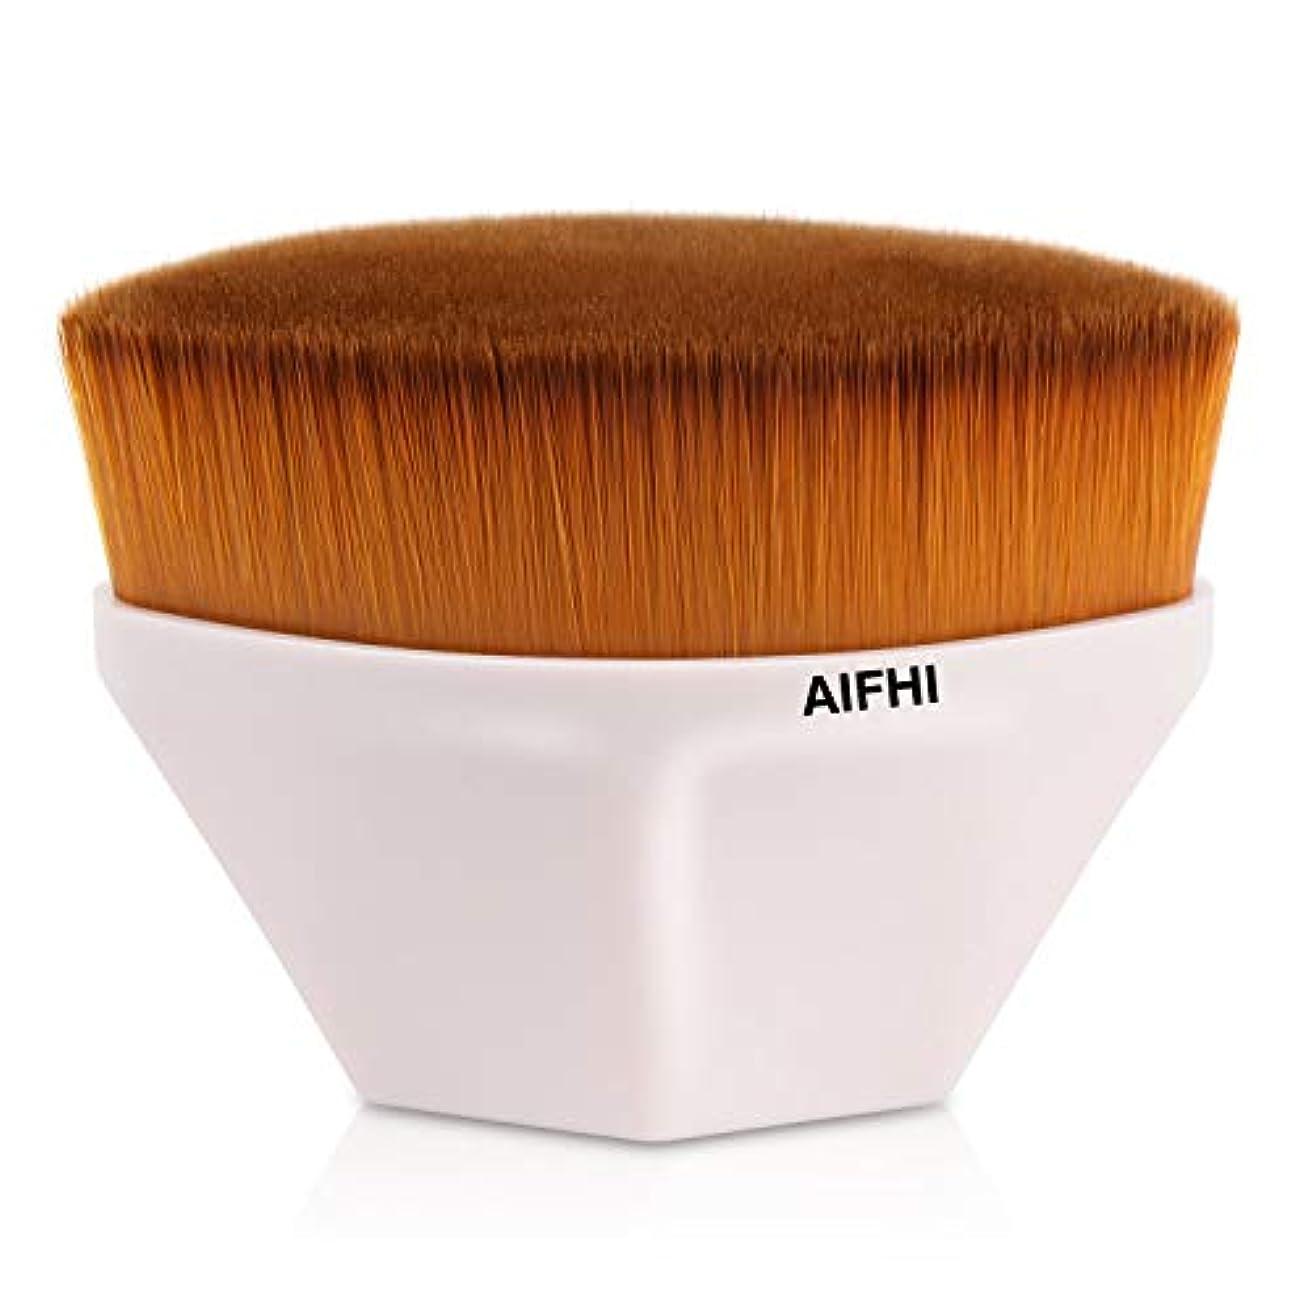 商人電報旋律的AIFHI メイクアップブラシ 粧ブラシ 化粧筆 ファンデーションブラシ 肌に優しい 携帯便利 高級のタクロンを使用 (ライトピンク)